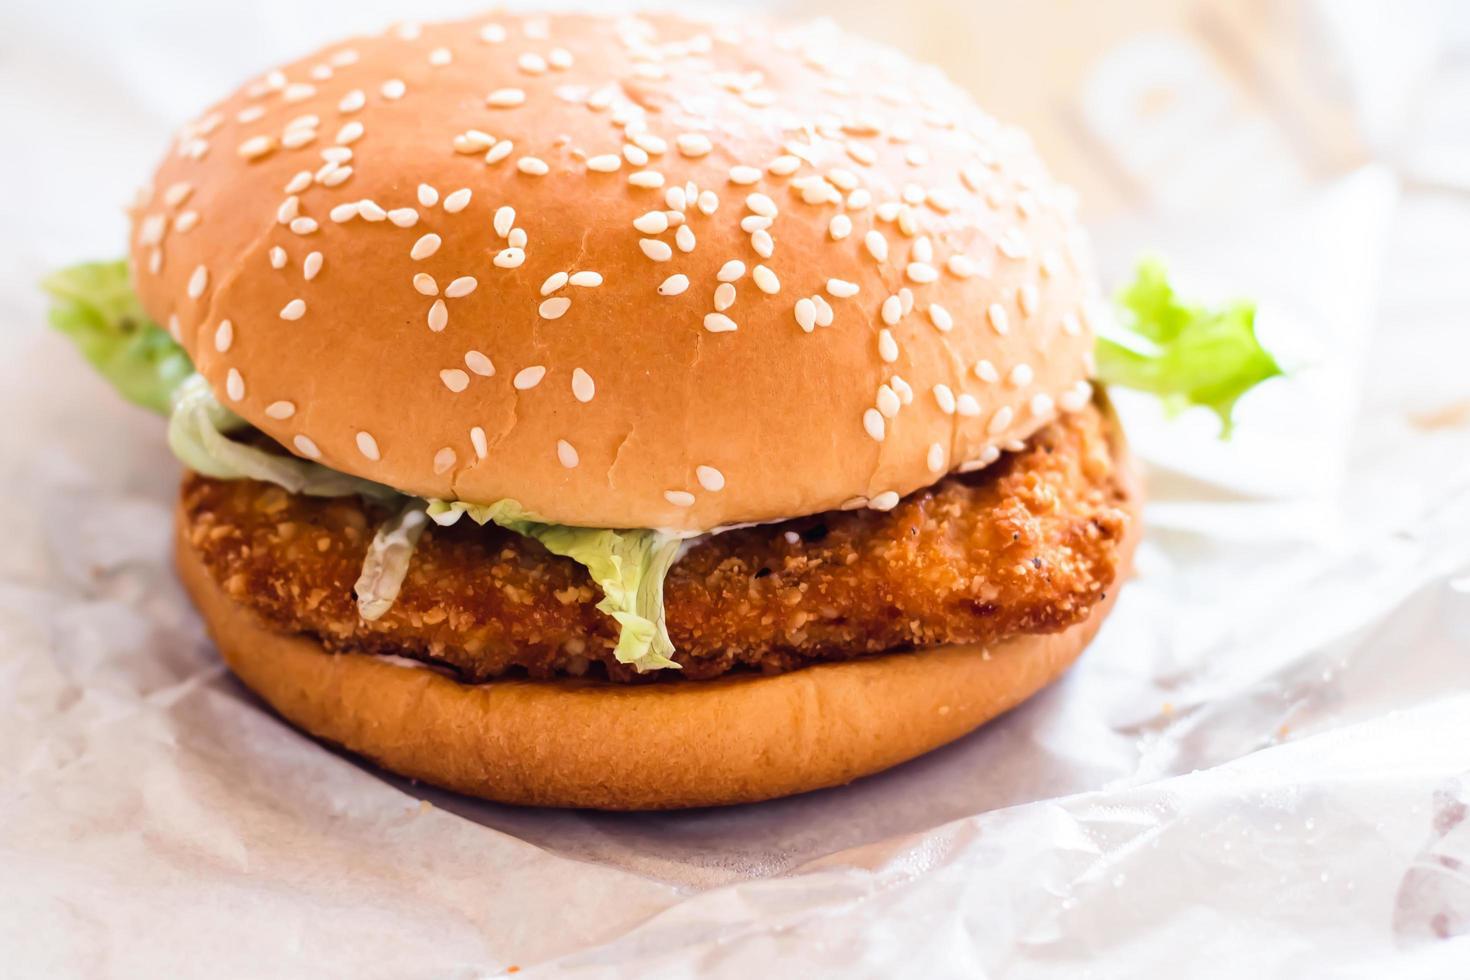 Hühnchen gebratener Burger auf weißem Papierhintergrund foto